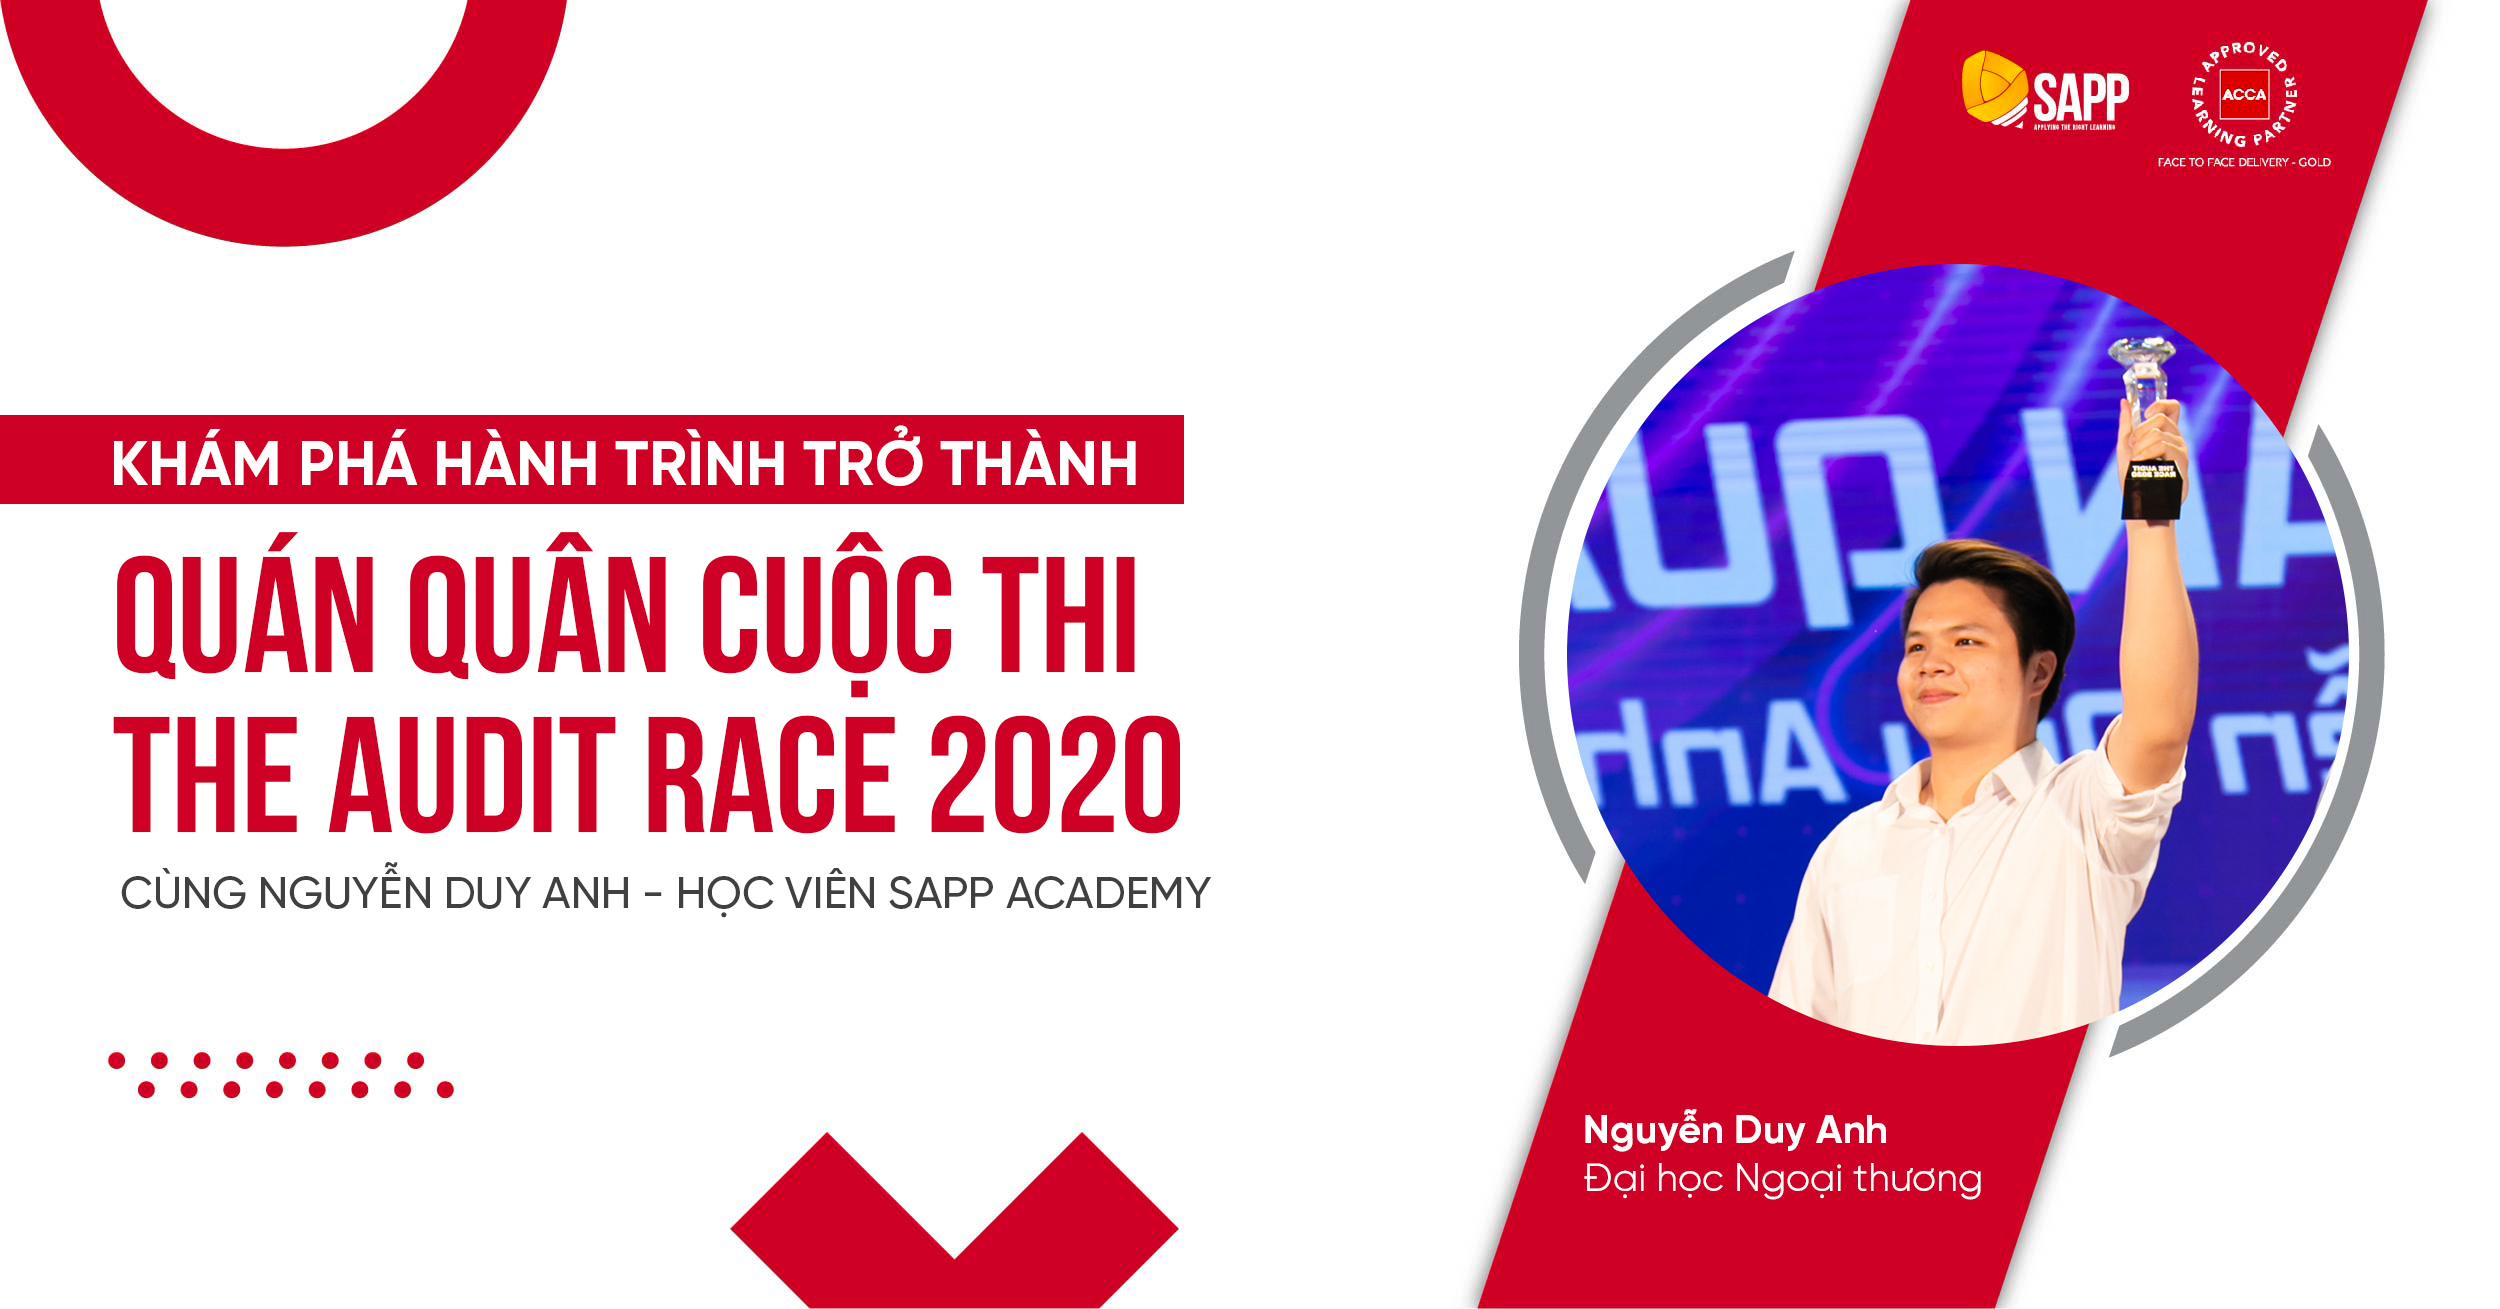 HÀNH TRÌNH TRỞ THÀNH QUÁN QUÂN THE AUDIT RACE 2020 CỦA DUY ANH - HỌC VIÊN SAPP ACADEMY